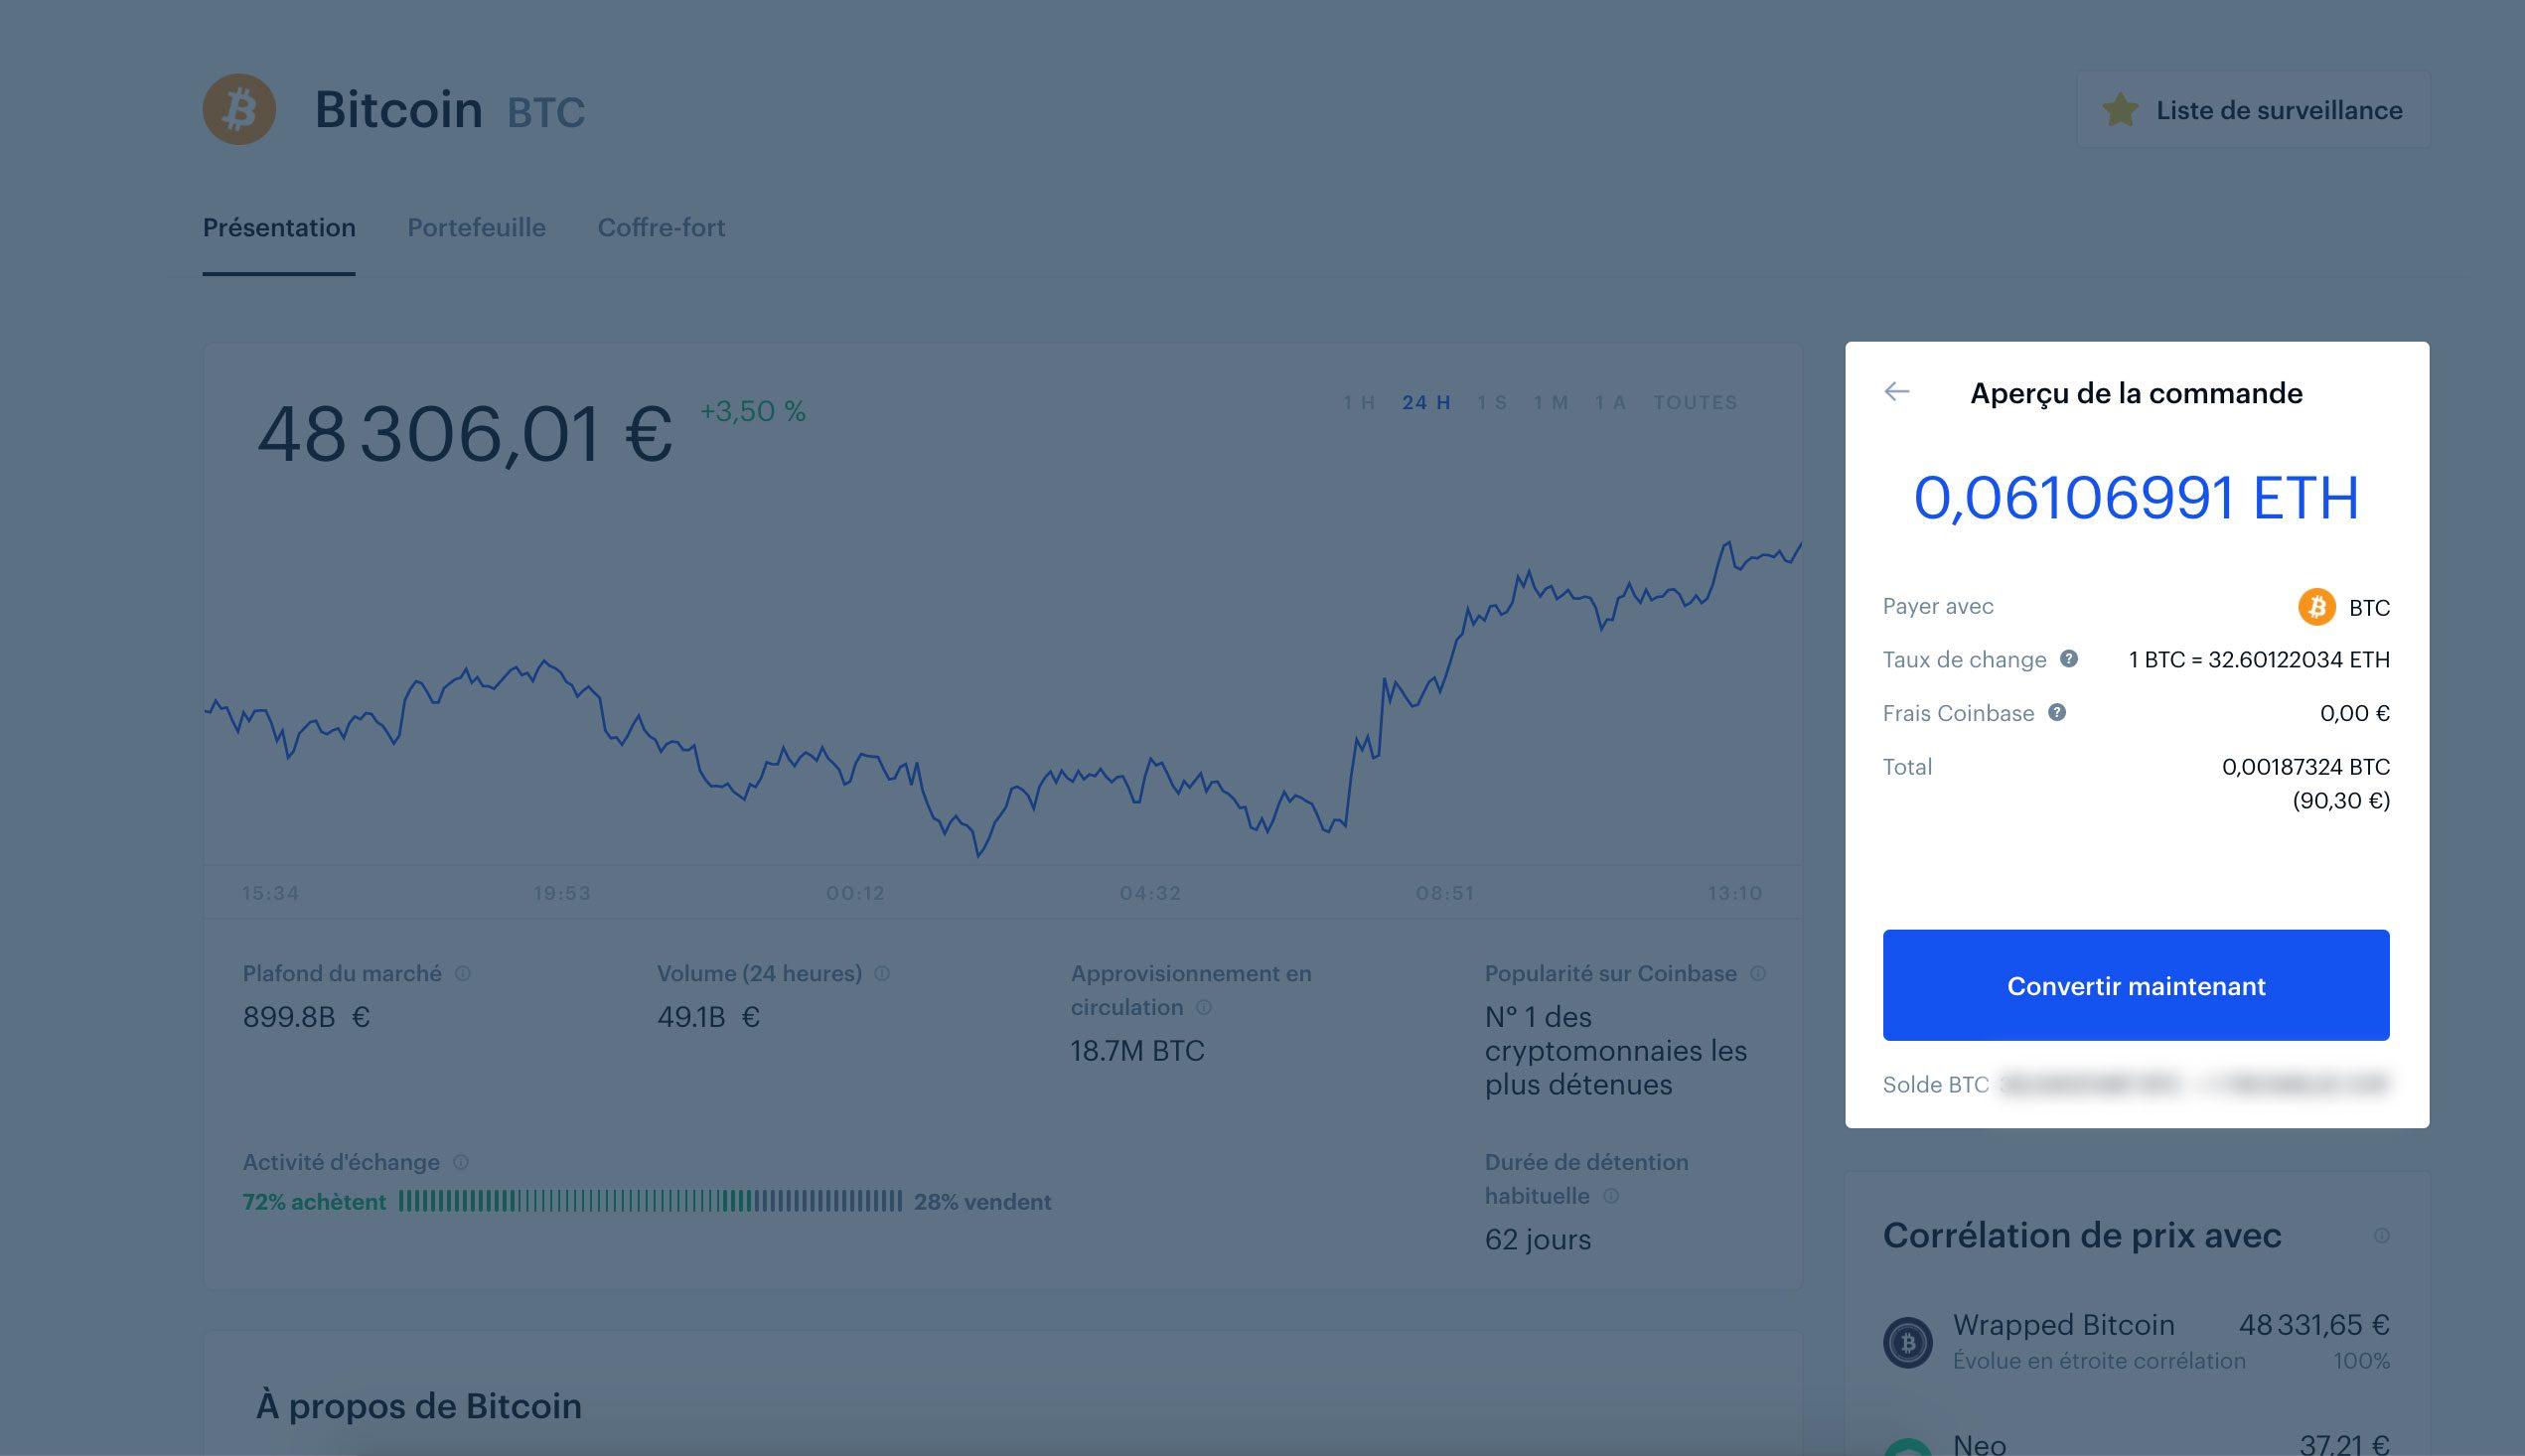 Convertir du Bitcoin Coinbase